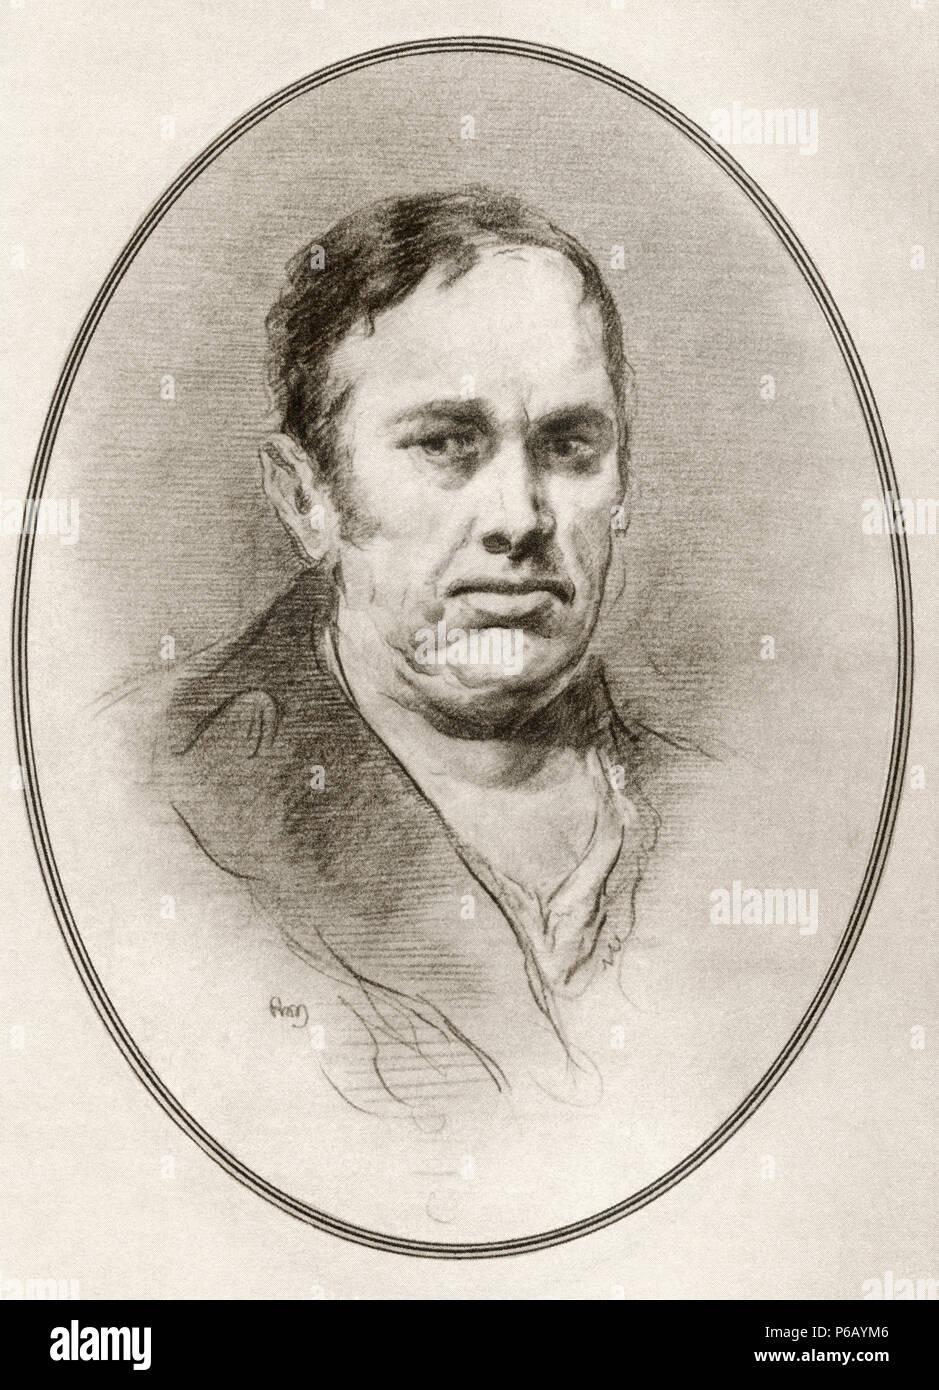 Francisco José de Goya y Lucientes, 1746 - 1828. Spanisch romantische Maler und Graphiker. Abbildung von Gordon Ross, US-amerikanischer Künstler und Illustrator (1873-1946), von lebenden Biographien der großen Maler. Stockbild